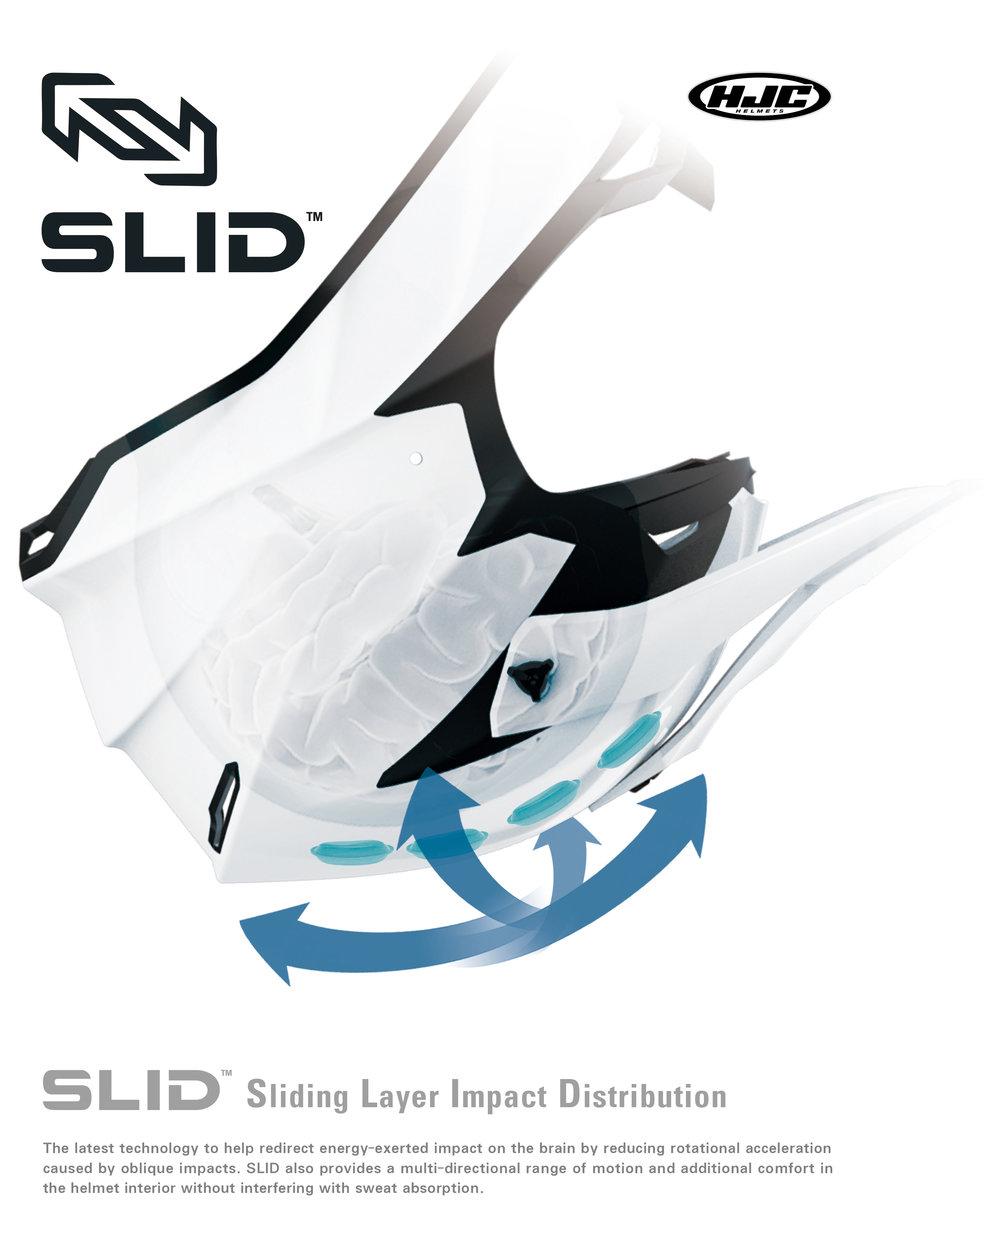 Slid Left.jpg